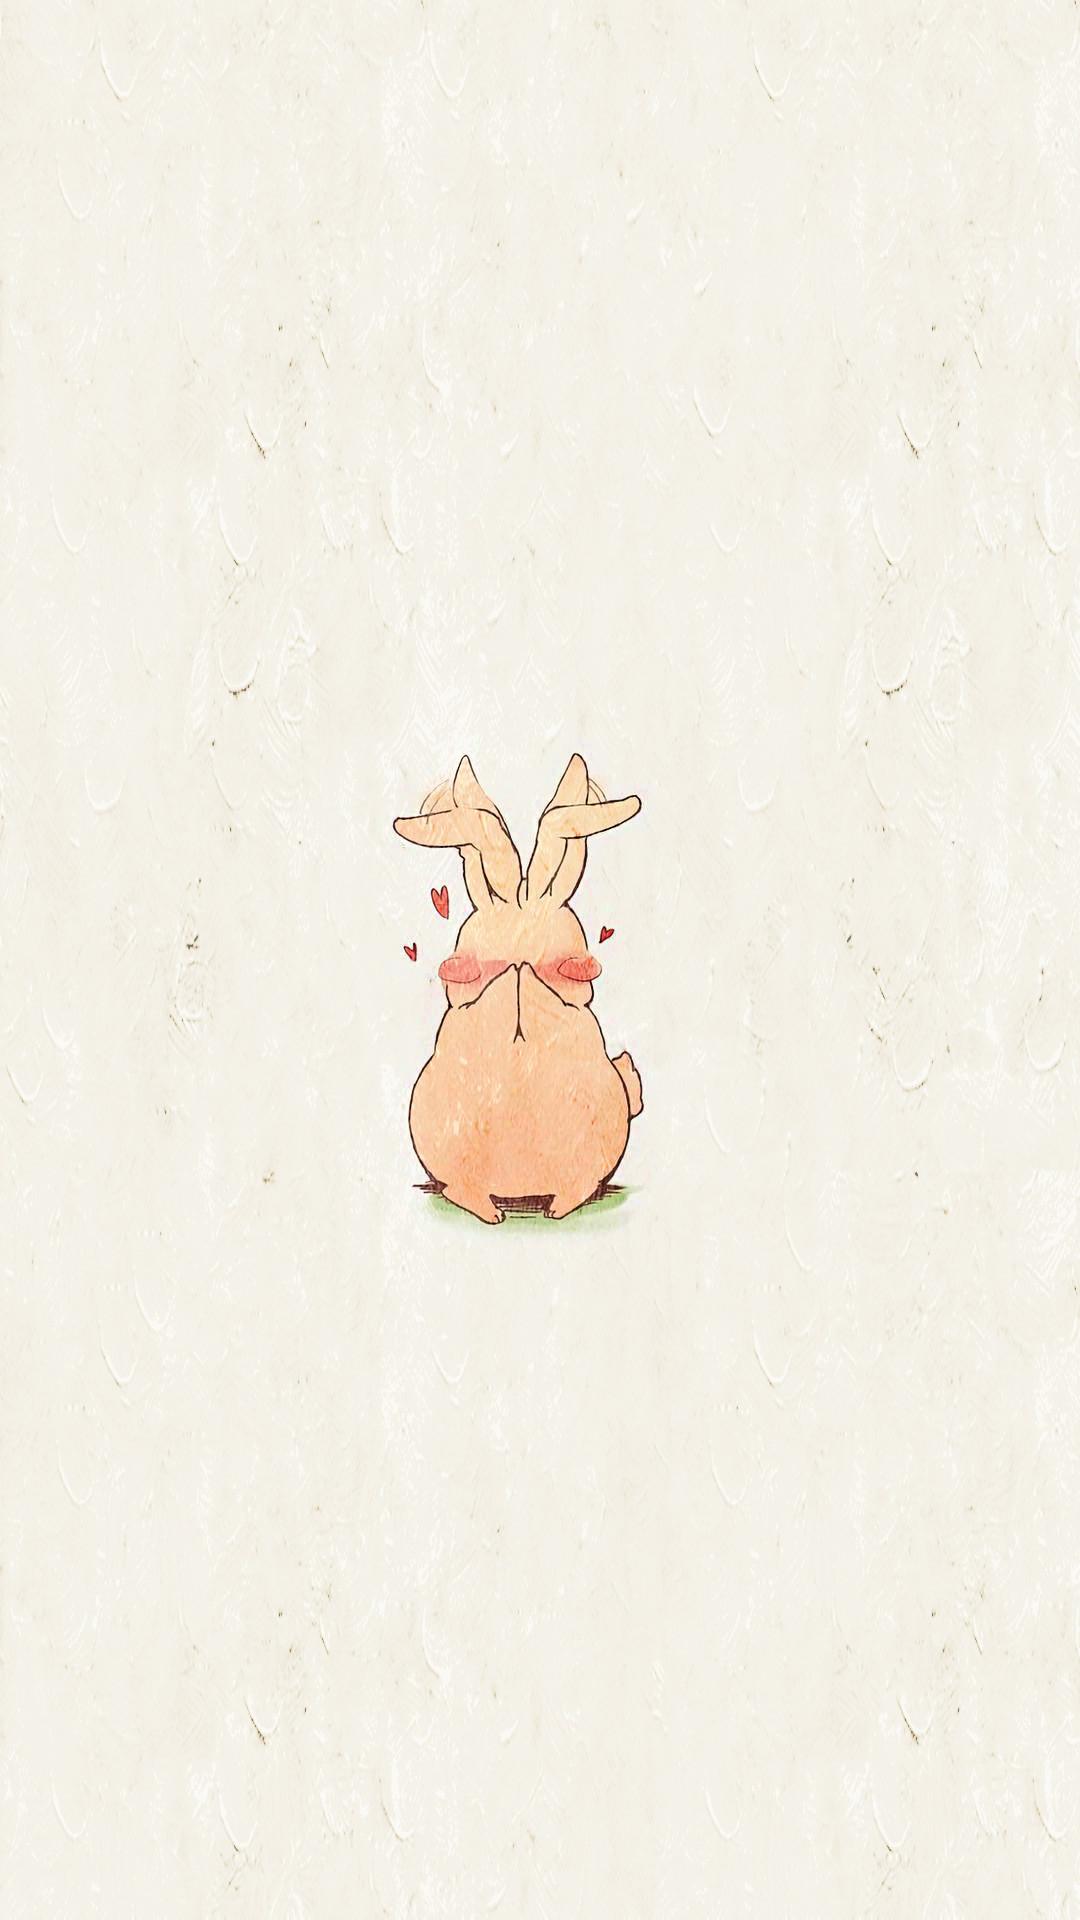 动漫壁纸:萌系卡通手机壁纸,软萌的小兔子太可爱了